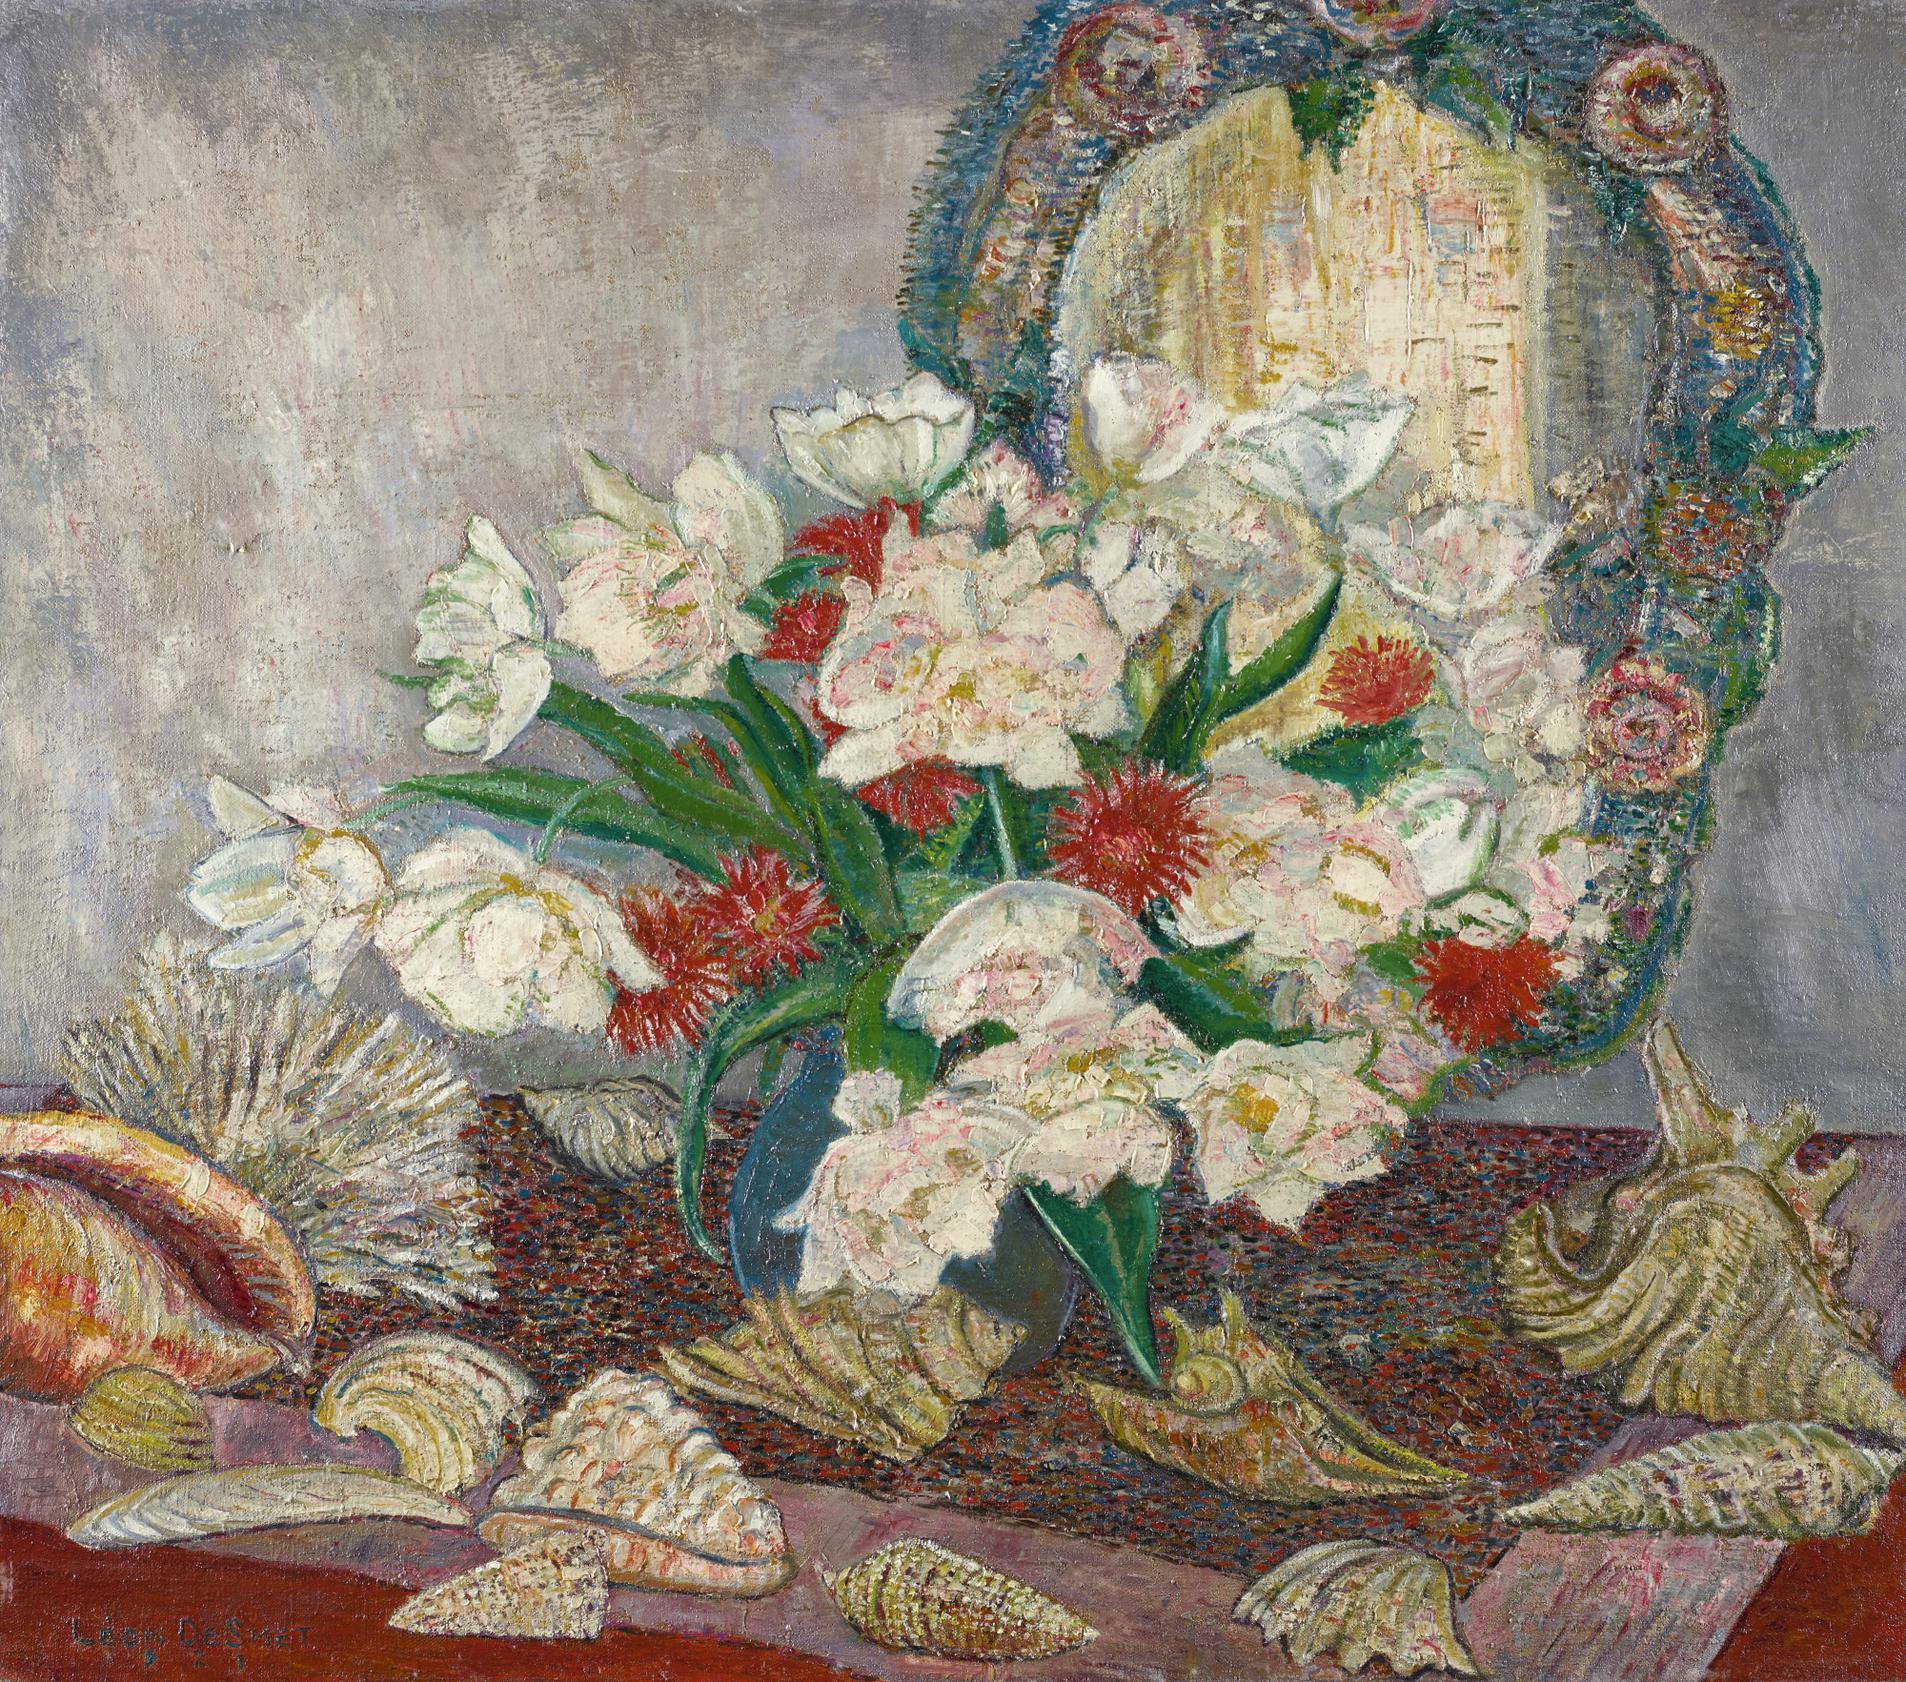 Leon De Smet-Fleurs Et Coquillages-1921